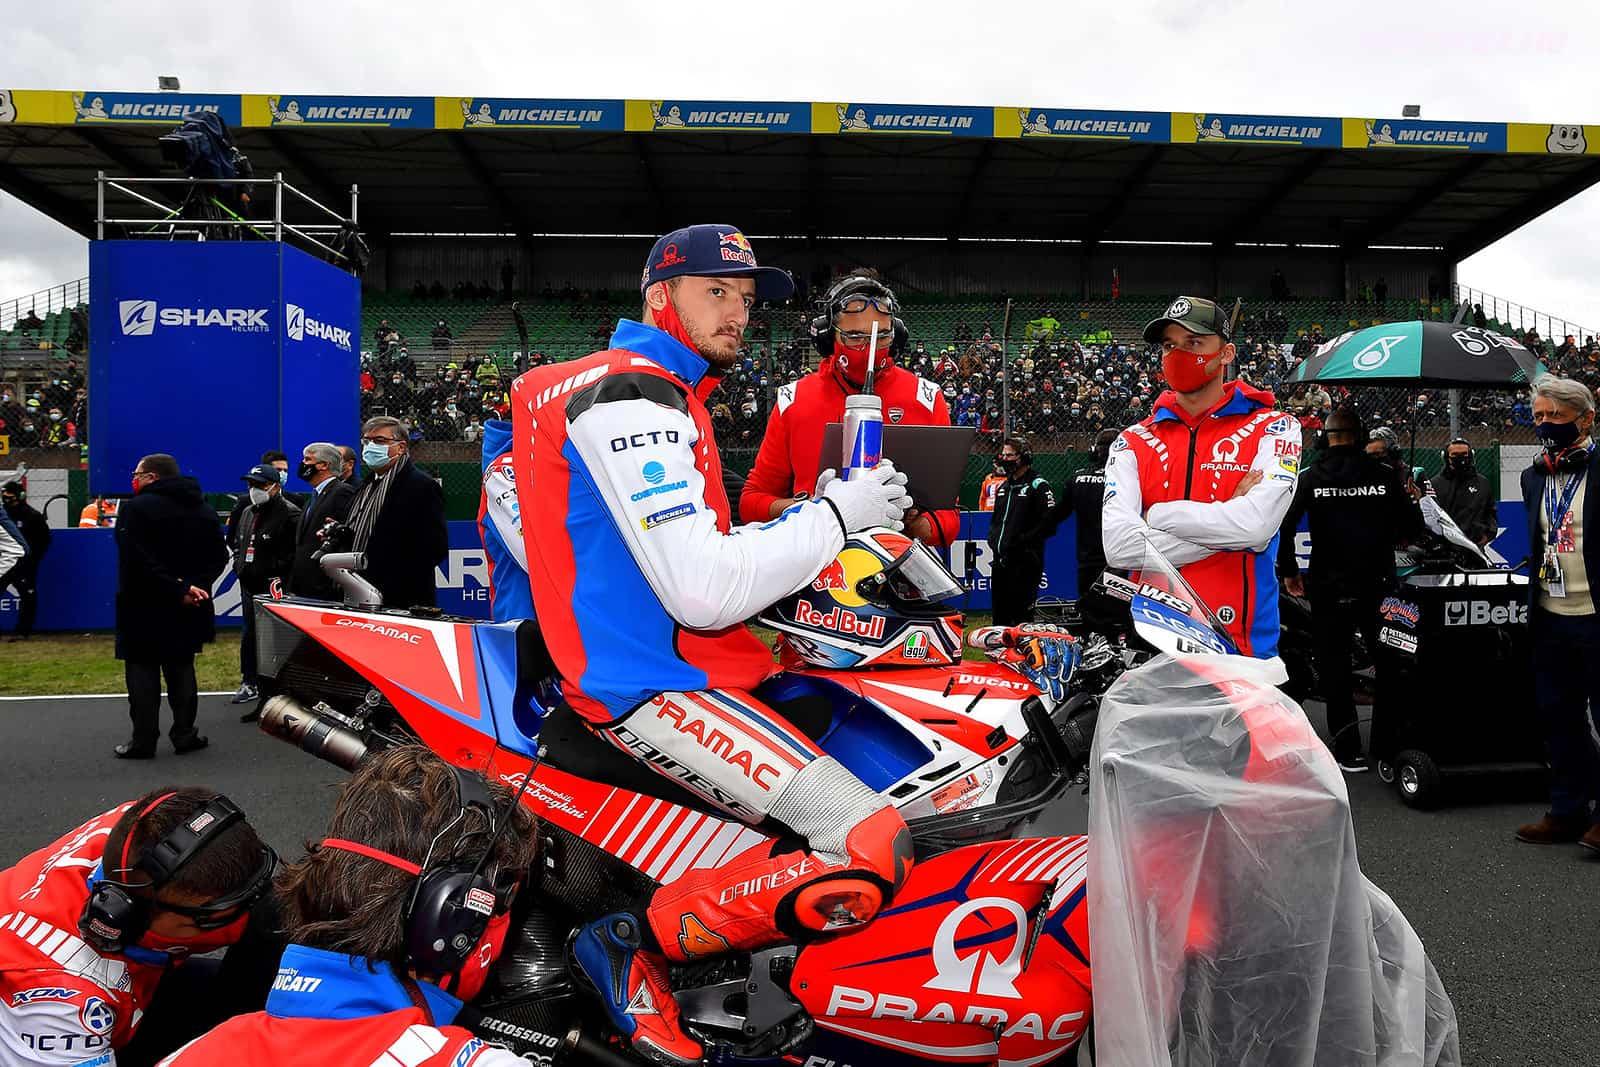 フランスGP ジャック・ミラー「エンジントラブルは起こるべくして起きた」